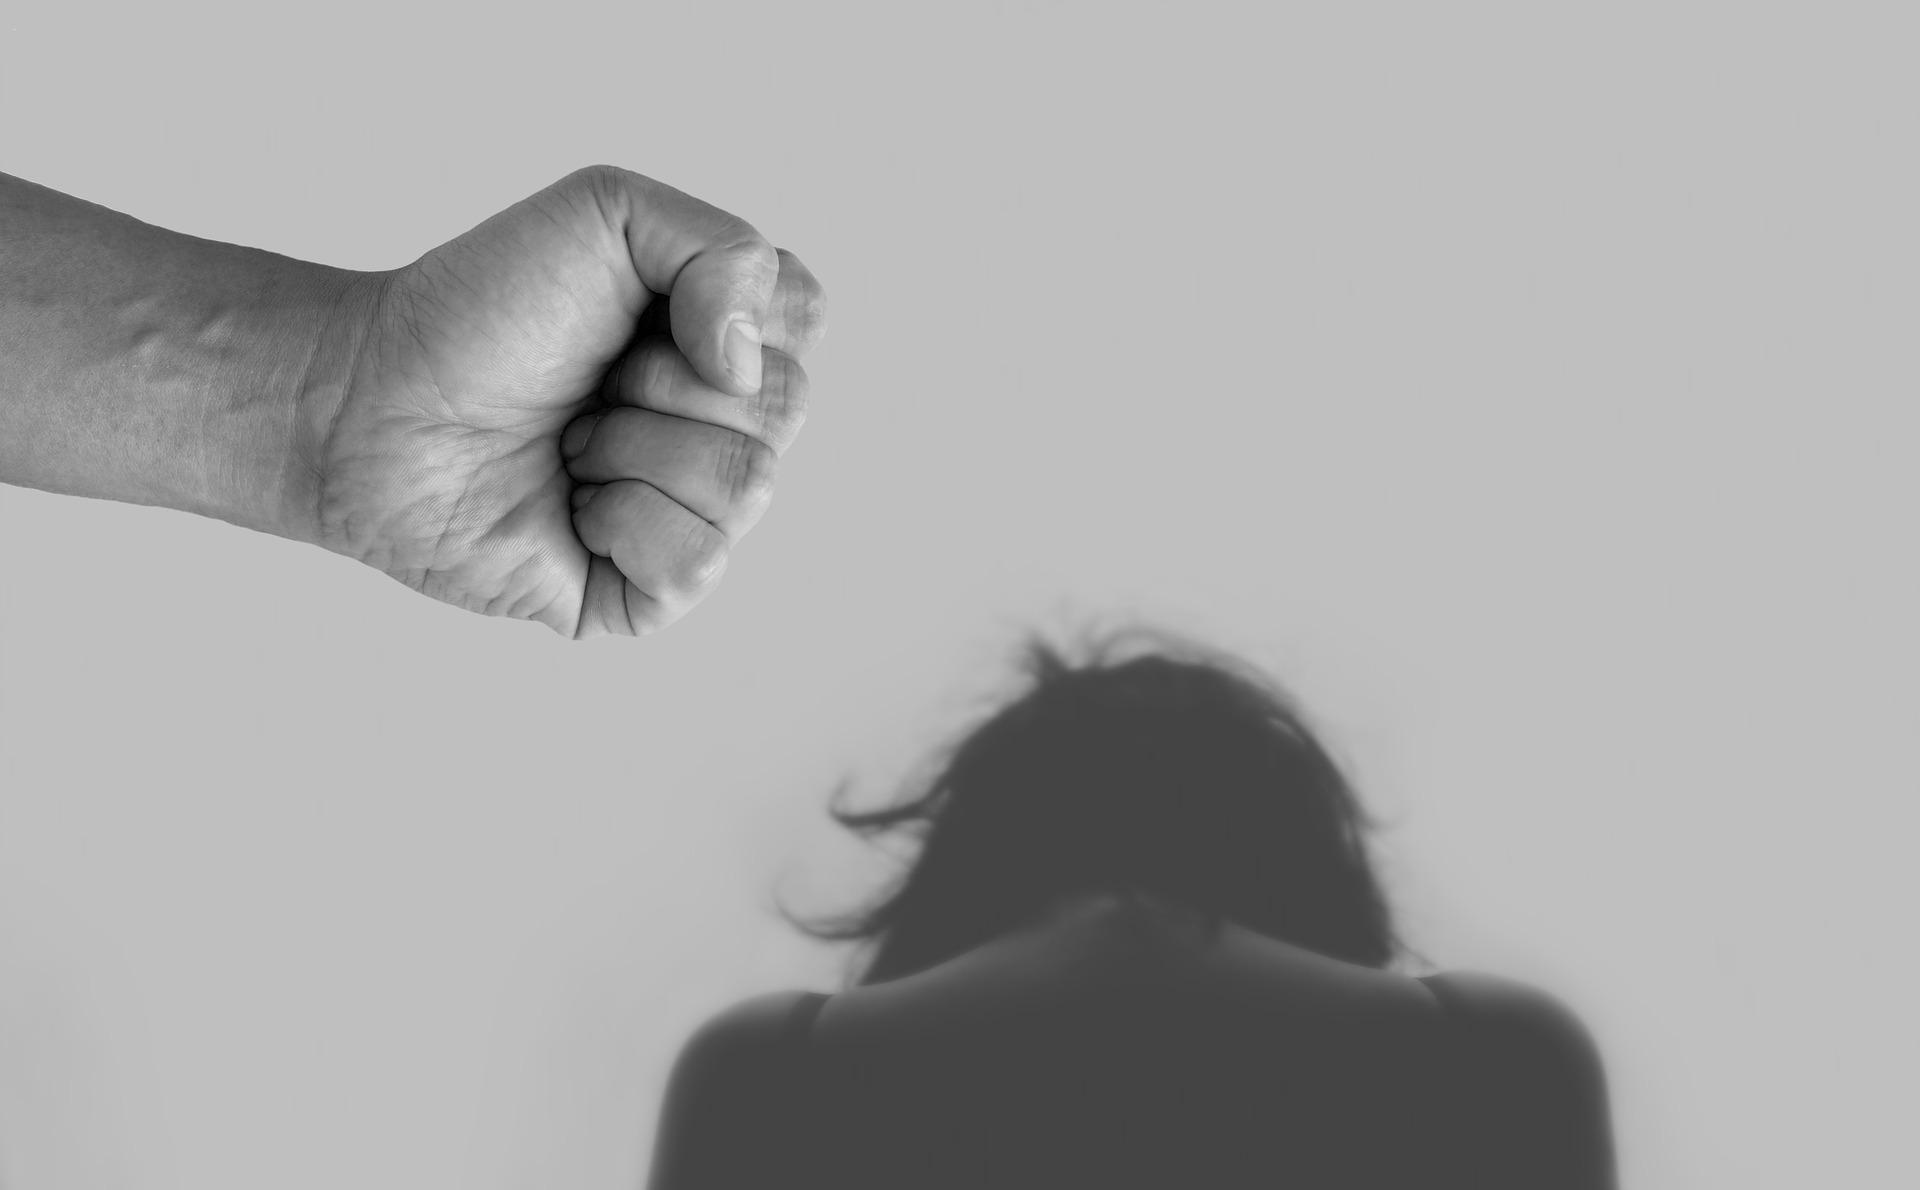 קורונה אלימות במשפחה